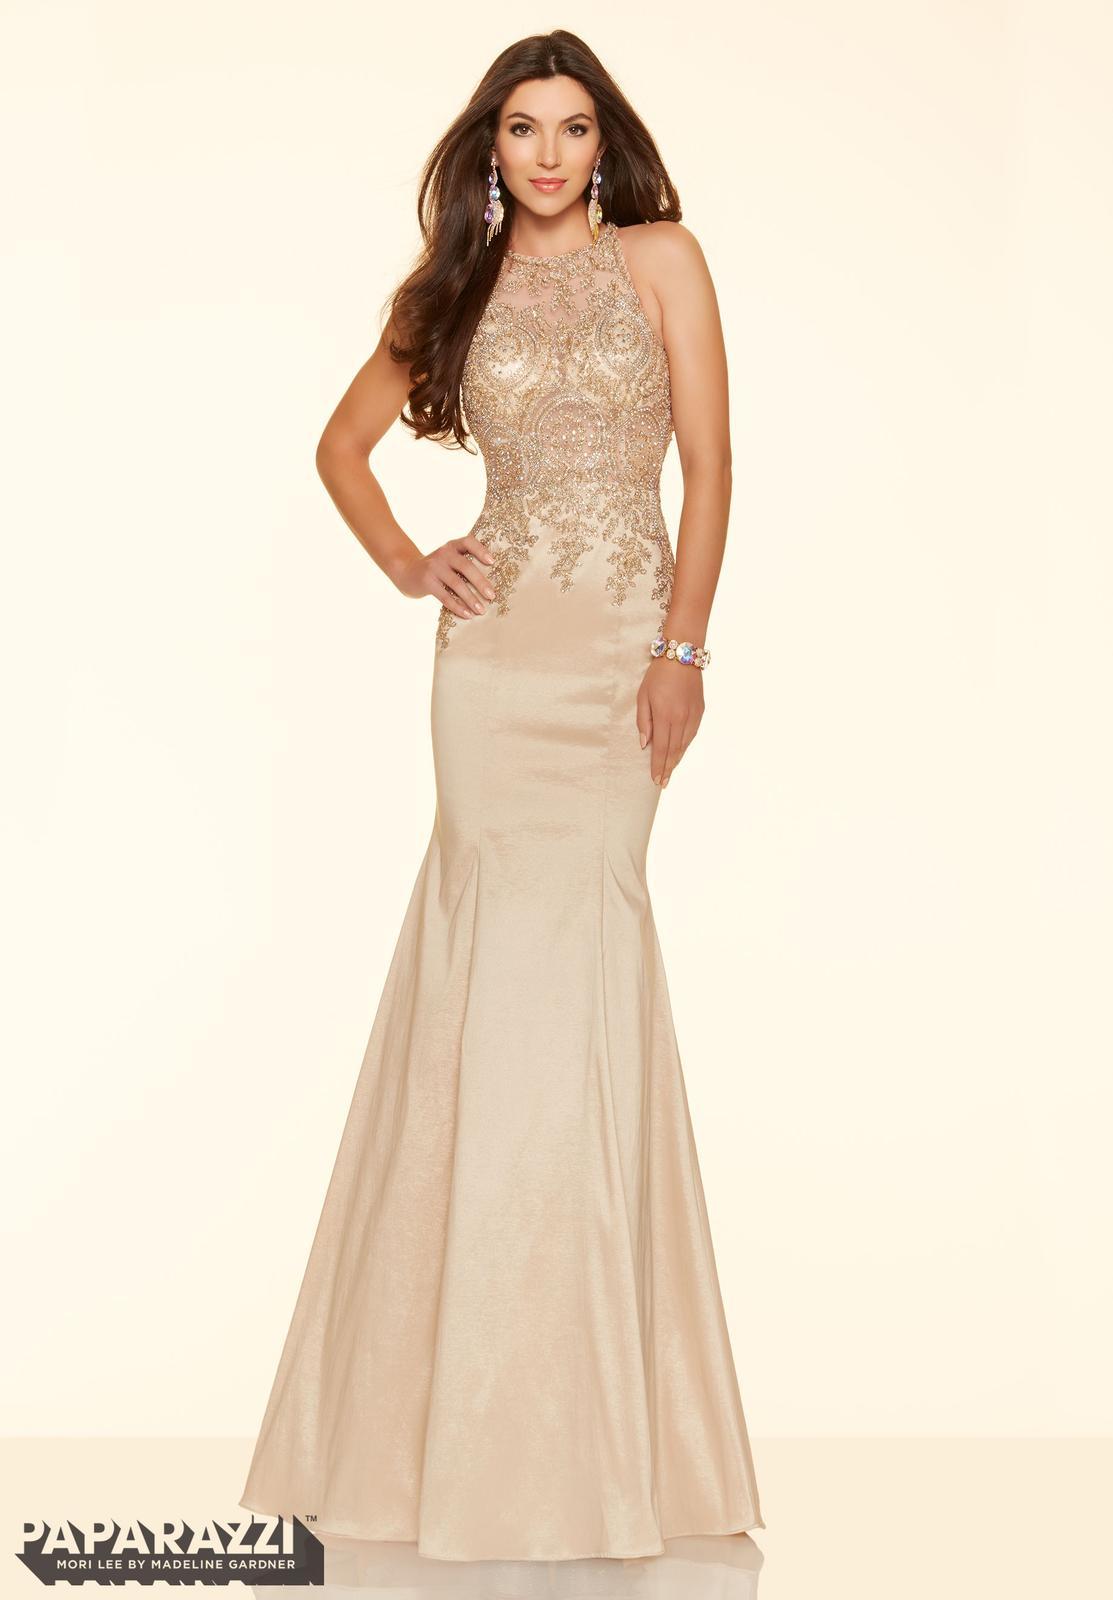 ♡ Elegantné spoločenské šaty OZZY ♡ v salóne DIAMOND v ŽILINE - Dokonalá a elegantná v zlatých šatách Ozzy